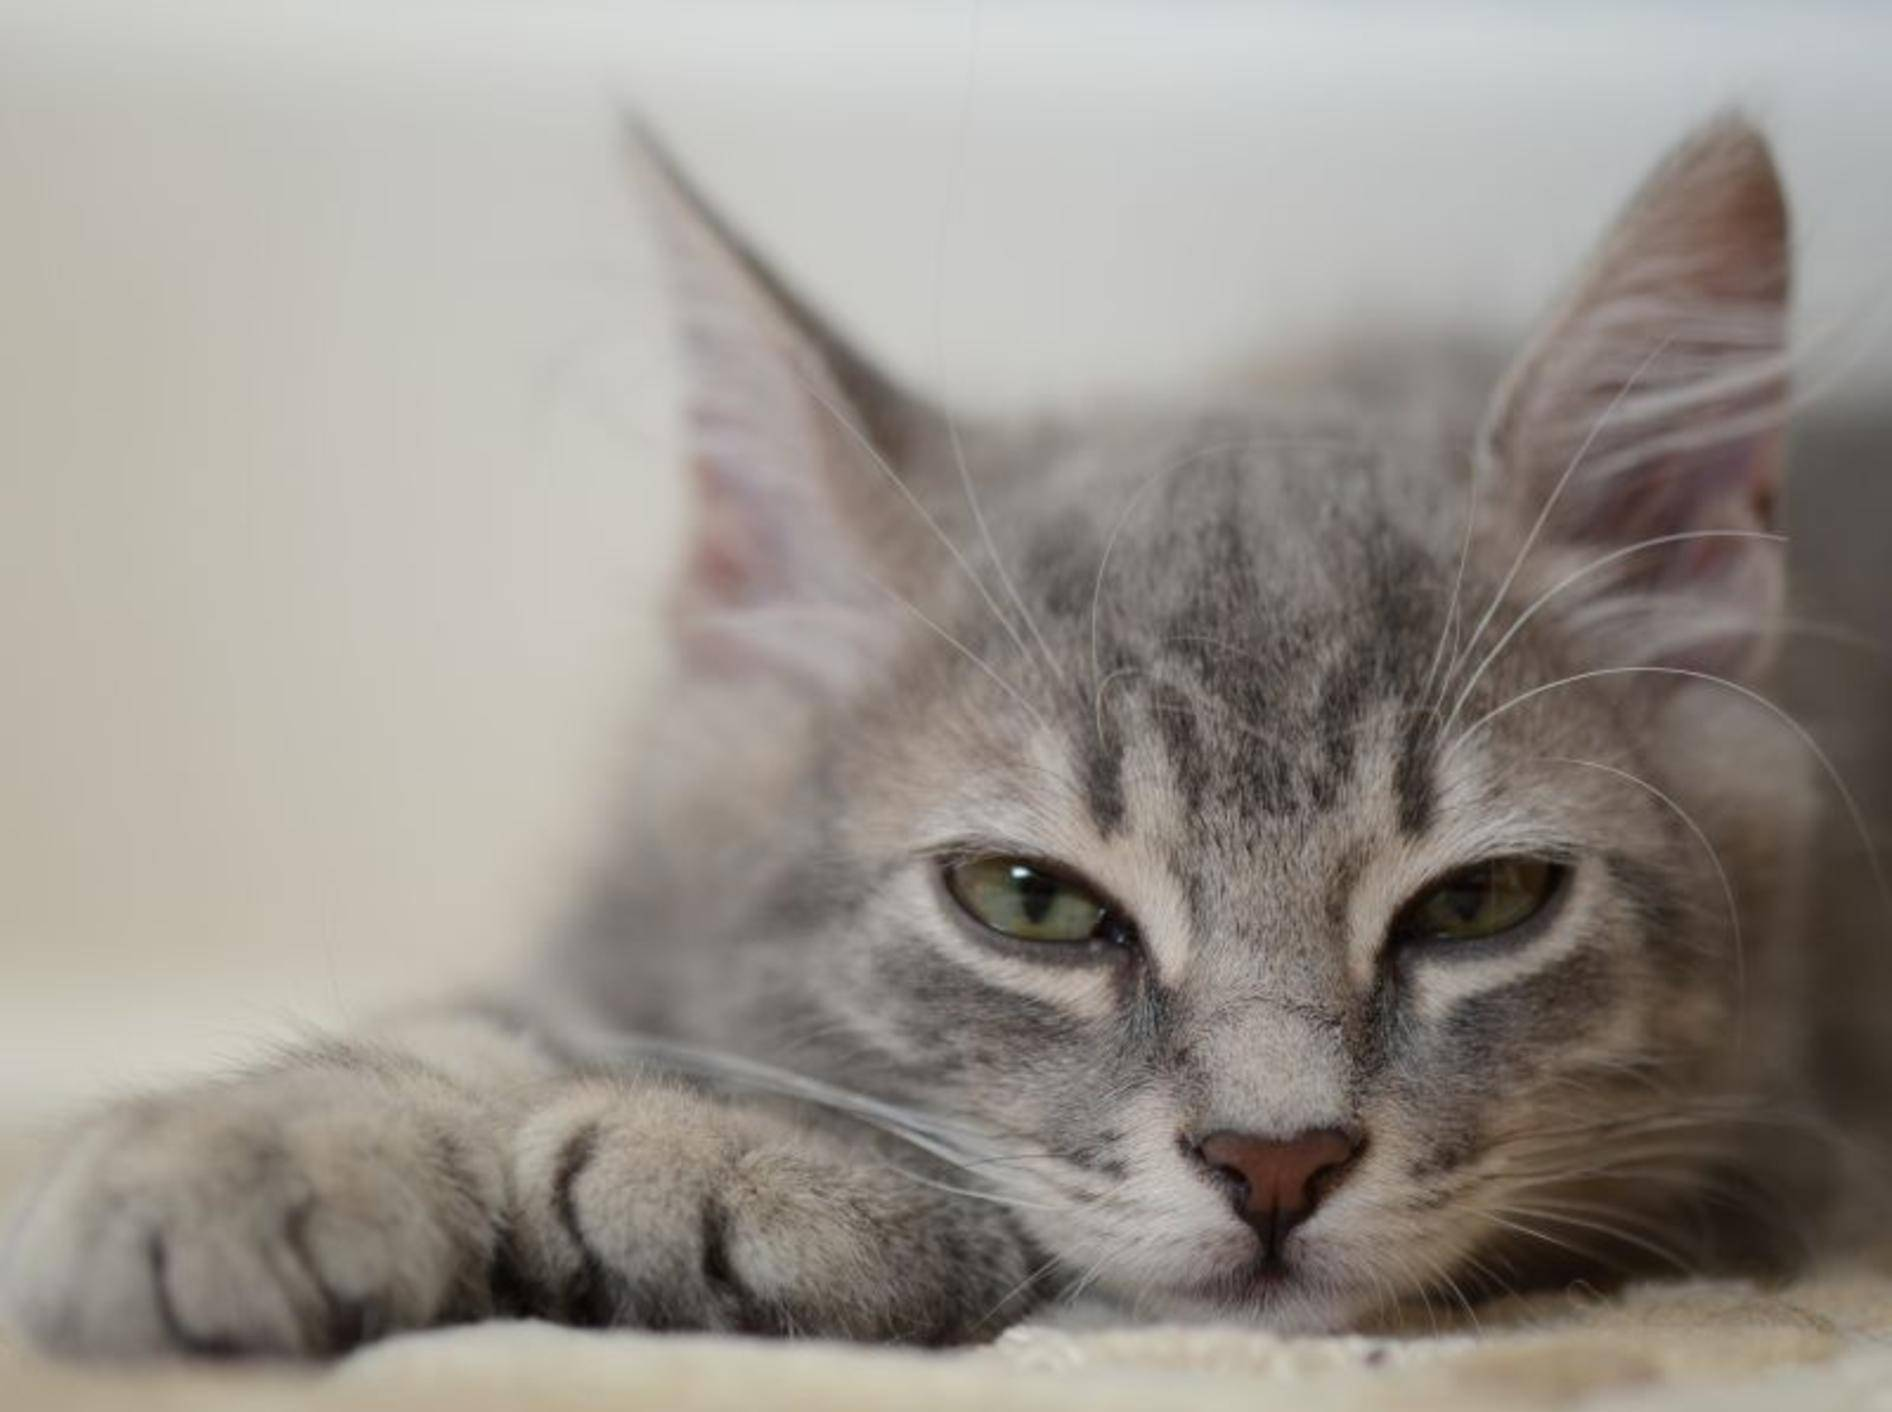 Würmer bei Katzen: Betroffene Stubentiger wirken oft müde und lustlos — Bild: Shutterstock / berna namoglu